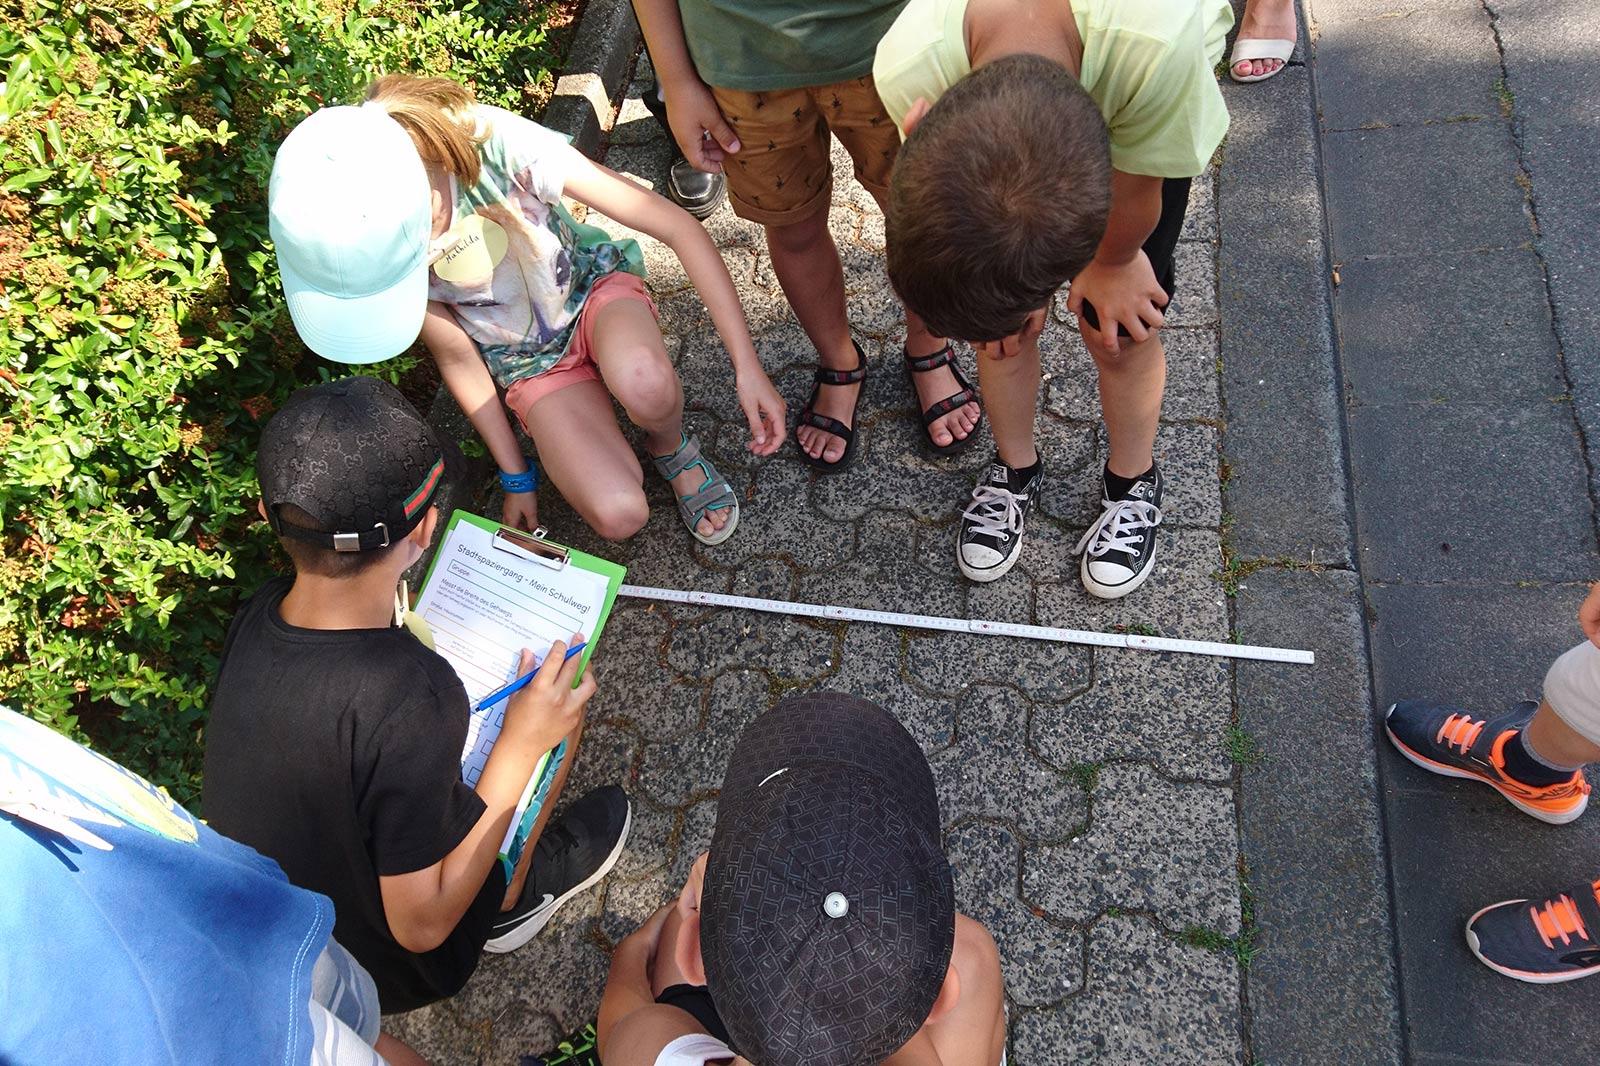 Kinder messen mit einem Zollstock die Gehwegbreite und notieren das Ergebnis auf einem Klemmbrett.